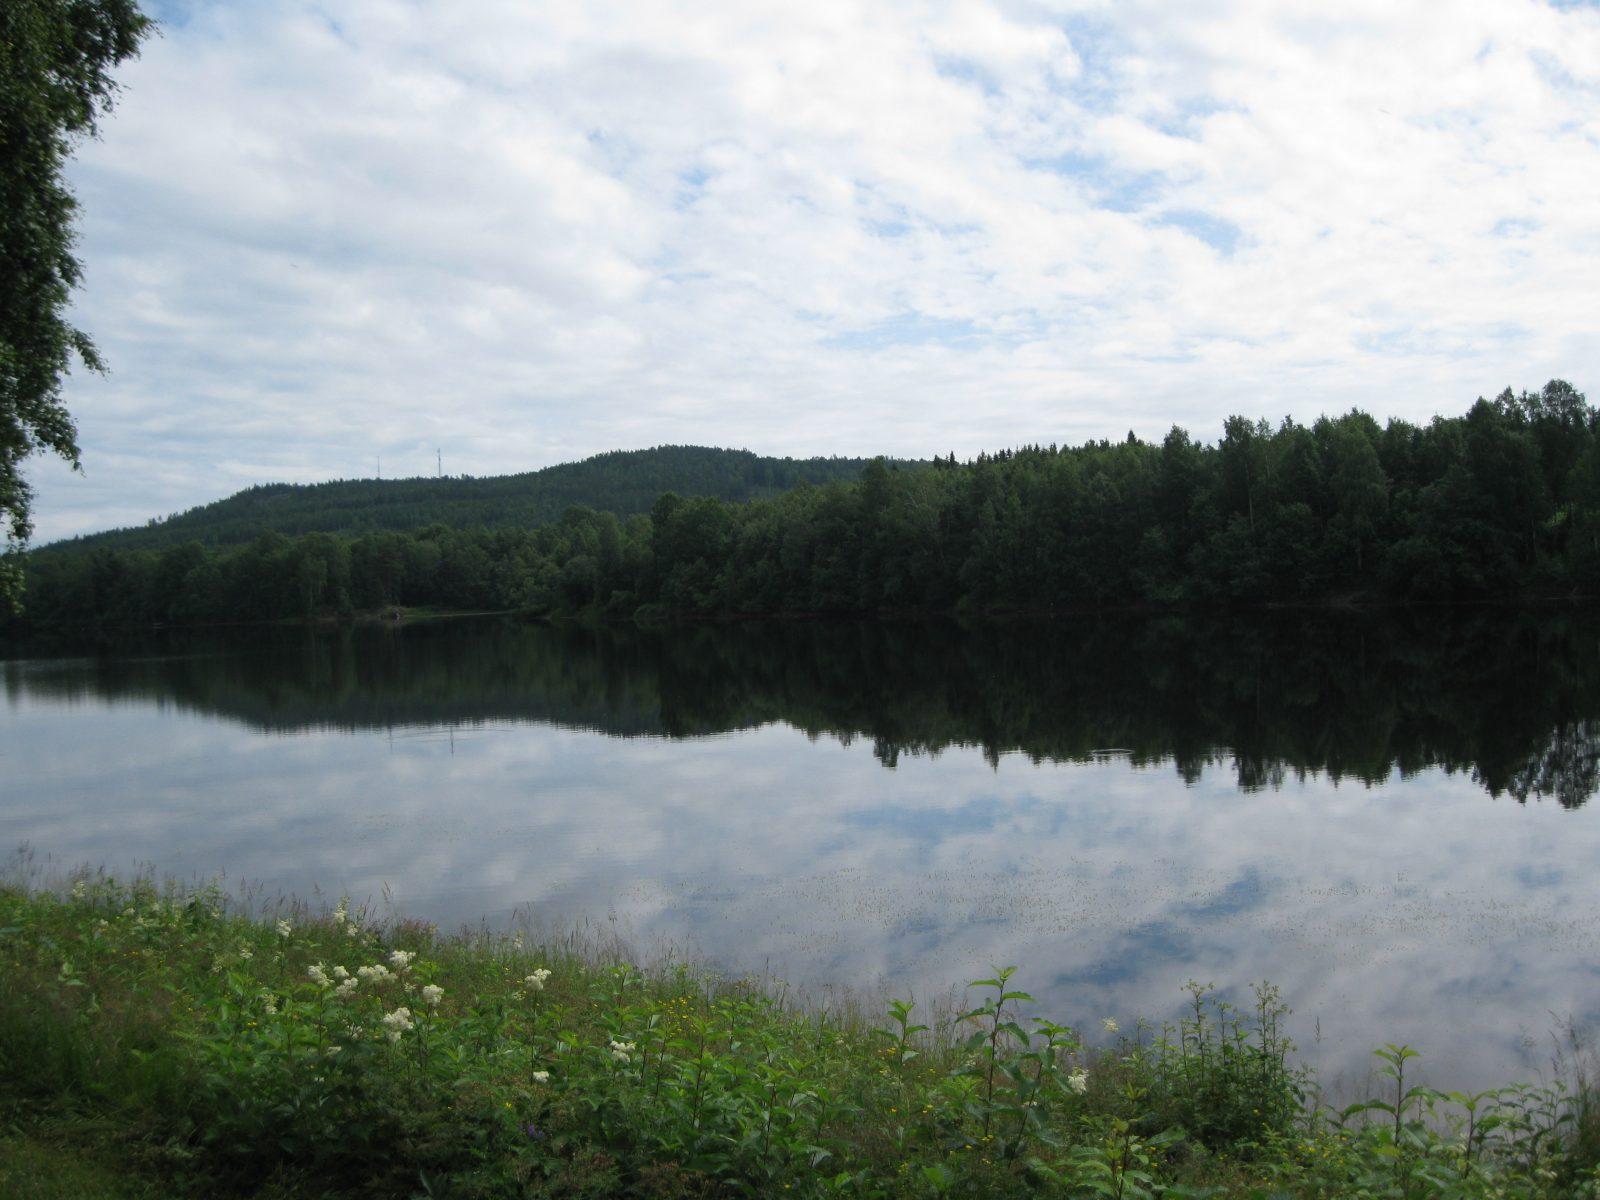 Scenic river promenad view